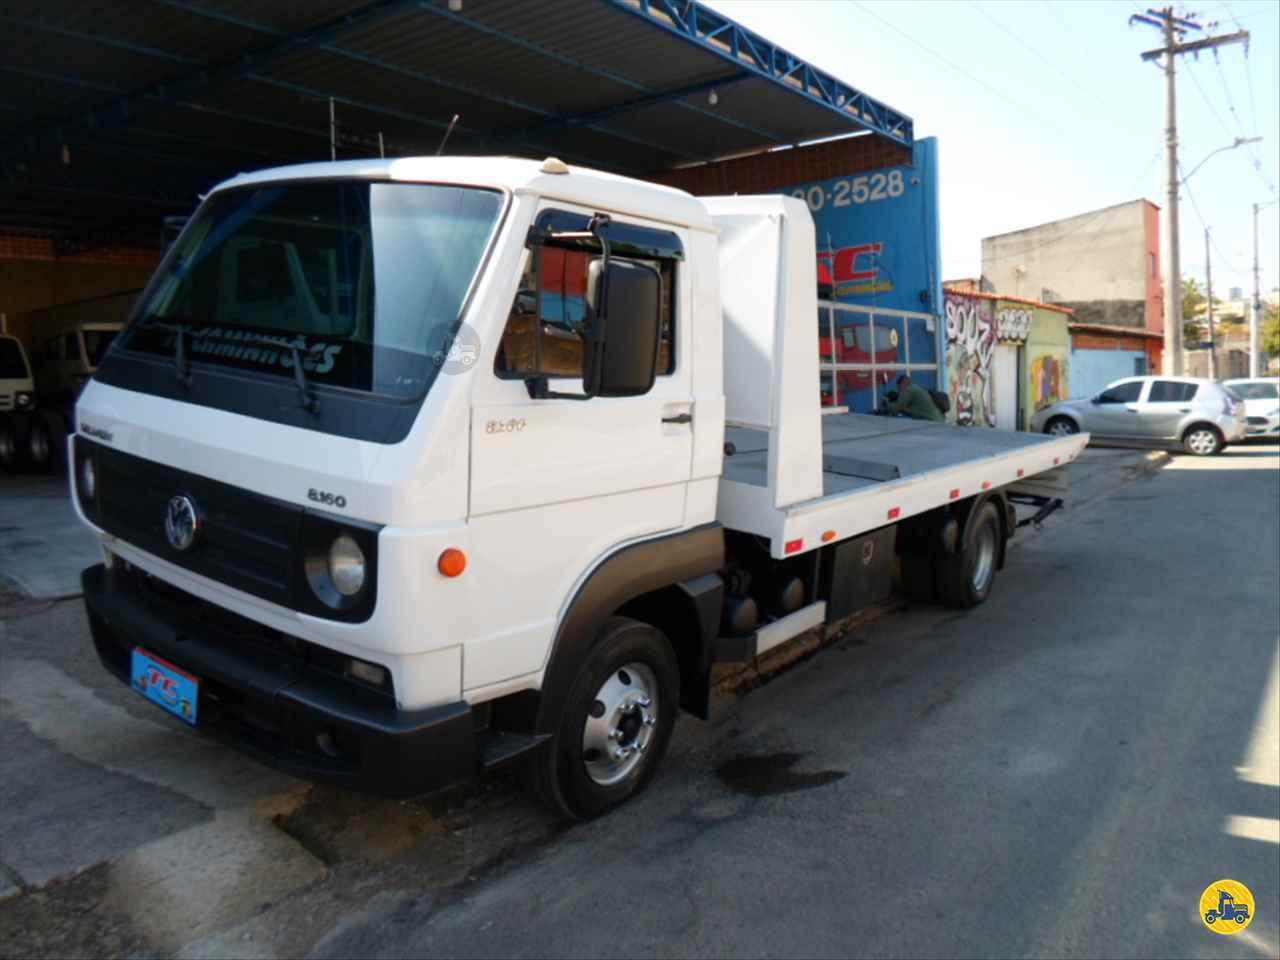 CAMINHAO VOLKSWAGEN VW 8160 Plataforma 3/4 4x2 TC Caminhões  BELO HORIZONTE MINAS GERAIS MG